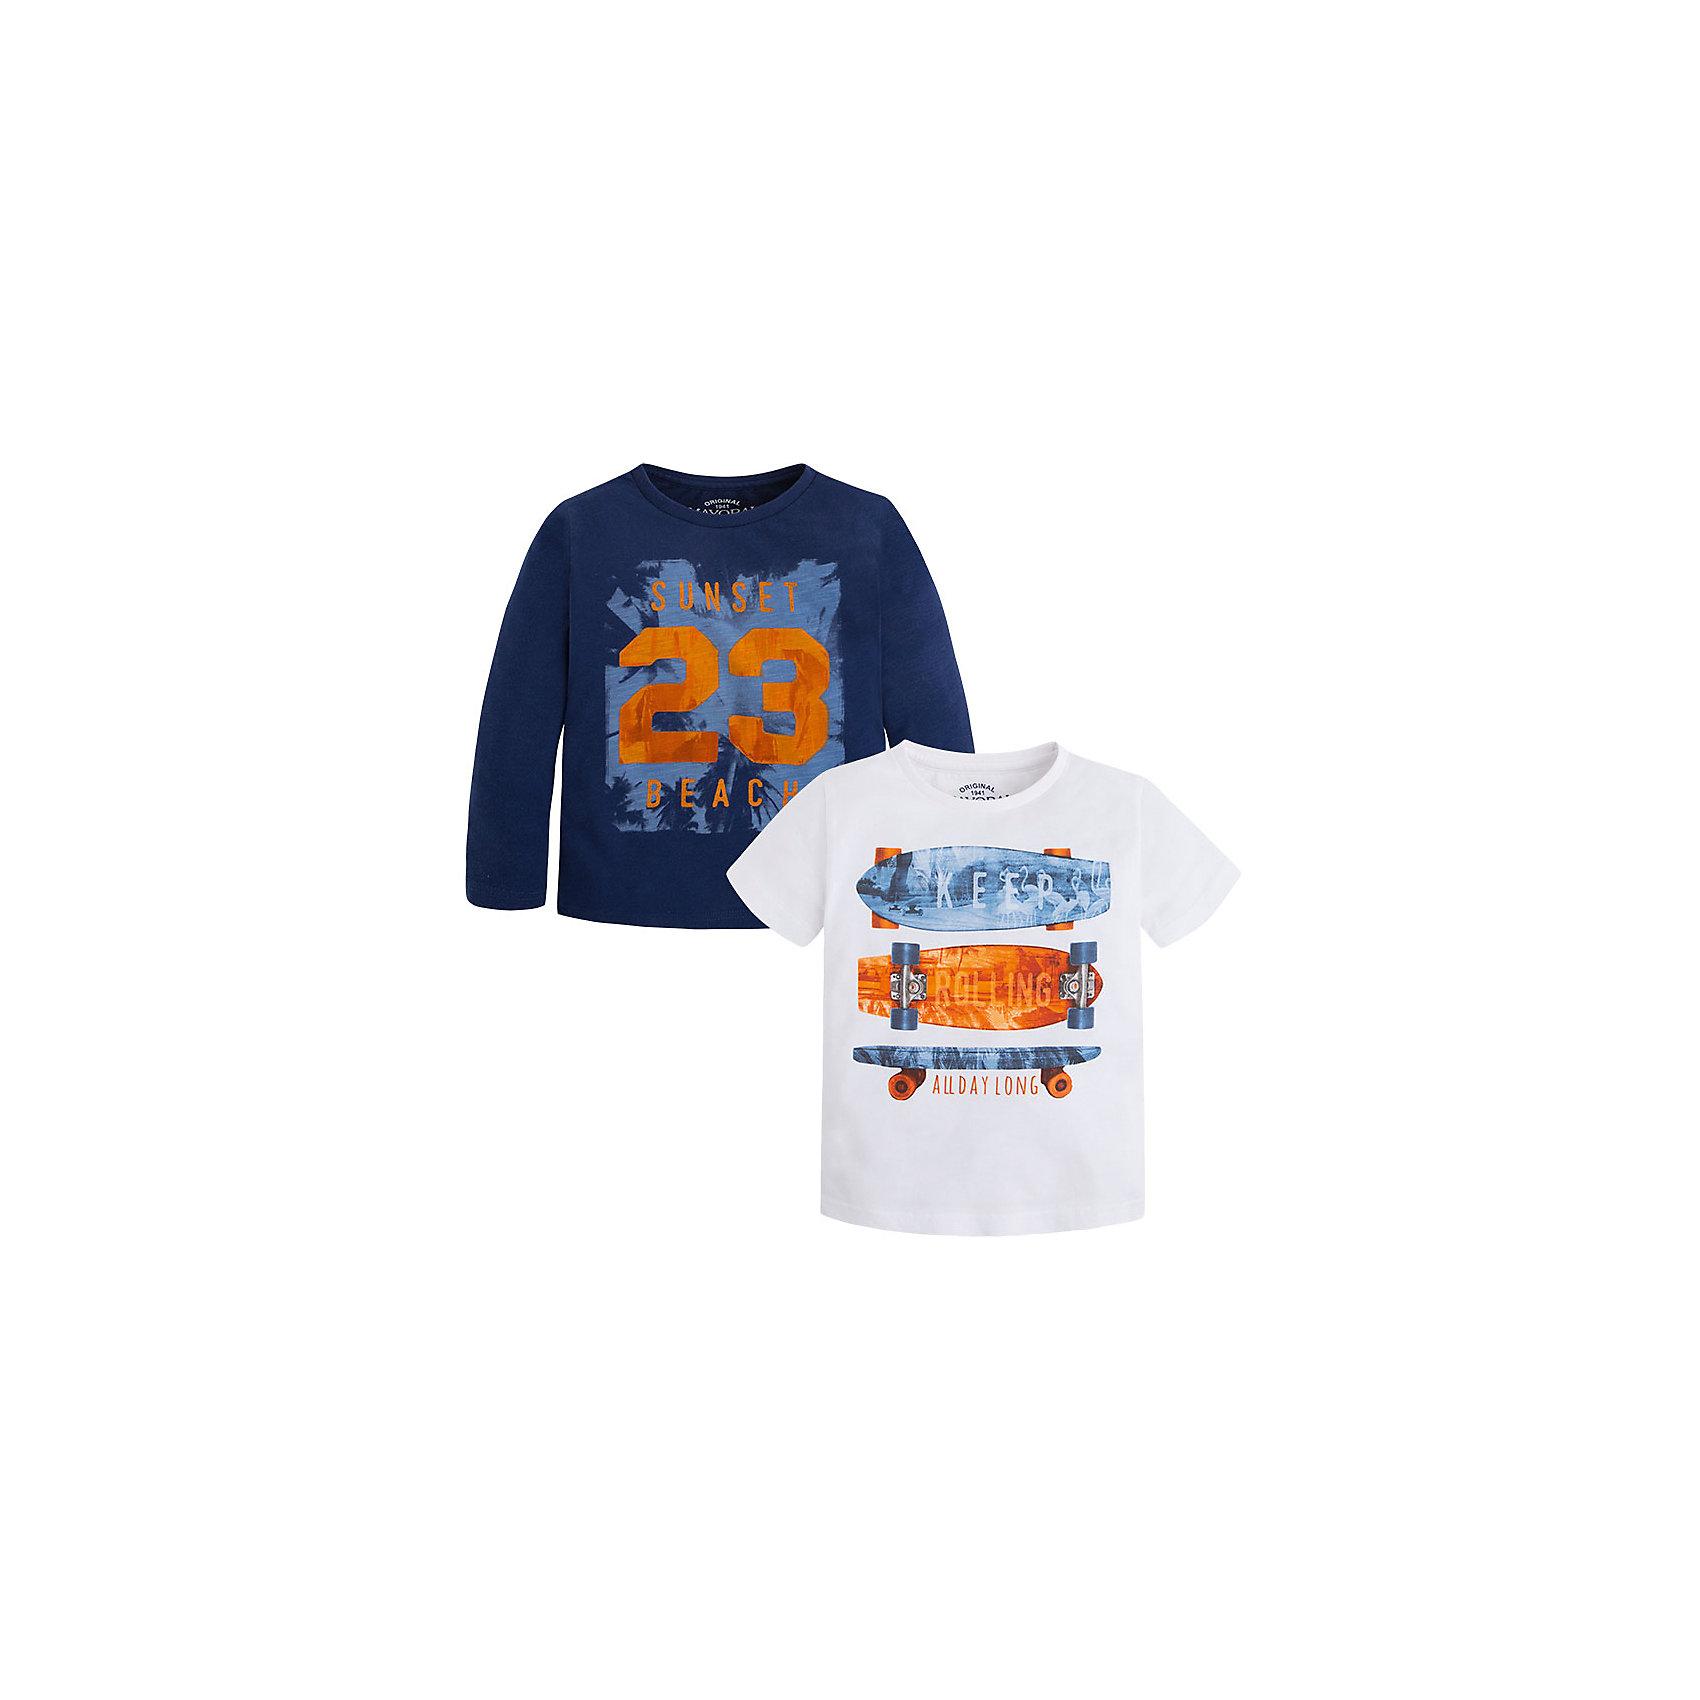 Комплект: футболка с длинным рукавом и футболка для мальчика MayoralКомплект из двух футболок для мальчика от известной испанской марки Mayoral <br><br>Комплект из двух стильных футболок от Mayoral – отличный вариант универсальной одежды для детей. Удобный крой и качественный материал обеспечит ребенку комфорт при ношении этих вещей. Натуральный хлопок в составе изделий делает материал дышащим и мягким.<br><br>Особенности модели:<br><br>- цвет: синий, белый;<br>- рукава короткие у одной и длинные у второй;<br>- окантовка ворота;<br>- украшены принтом;<br>- натуральный материал.<br><br>Дополнительная информация:<br><br>Состав: 100% хлопок<br><br>Комплект из двух футболок для мальчика Mayoral (Майорал) можно купить в нашем магазине.<br><br>Ширина мм: 230<br>Глубина мм: 40<br>Высота мм: 220<br>Вес г: 250<br>Цвет: серый<br>Возраст от месяцев: 72<br>Возраст до месяцев: 84<br>Пол: Мужской<br>Возраст: Детский<br>Размер: 122,104,110,98,116,134,128<br>SKU: 4541603